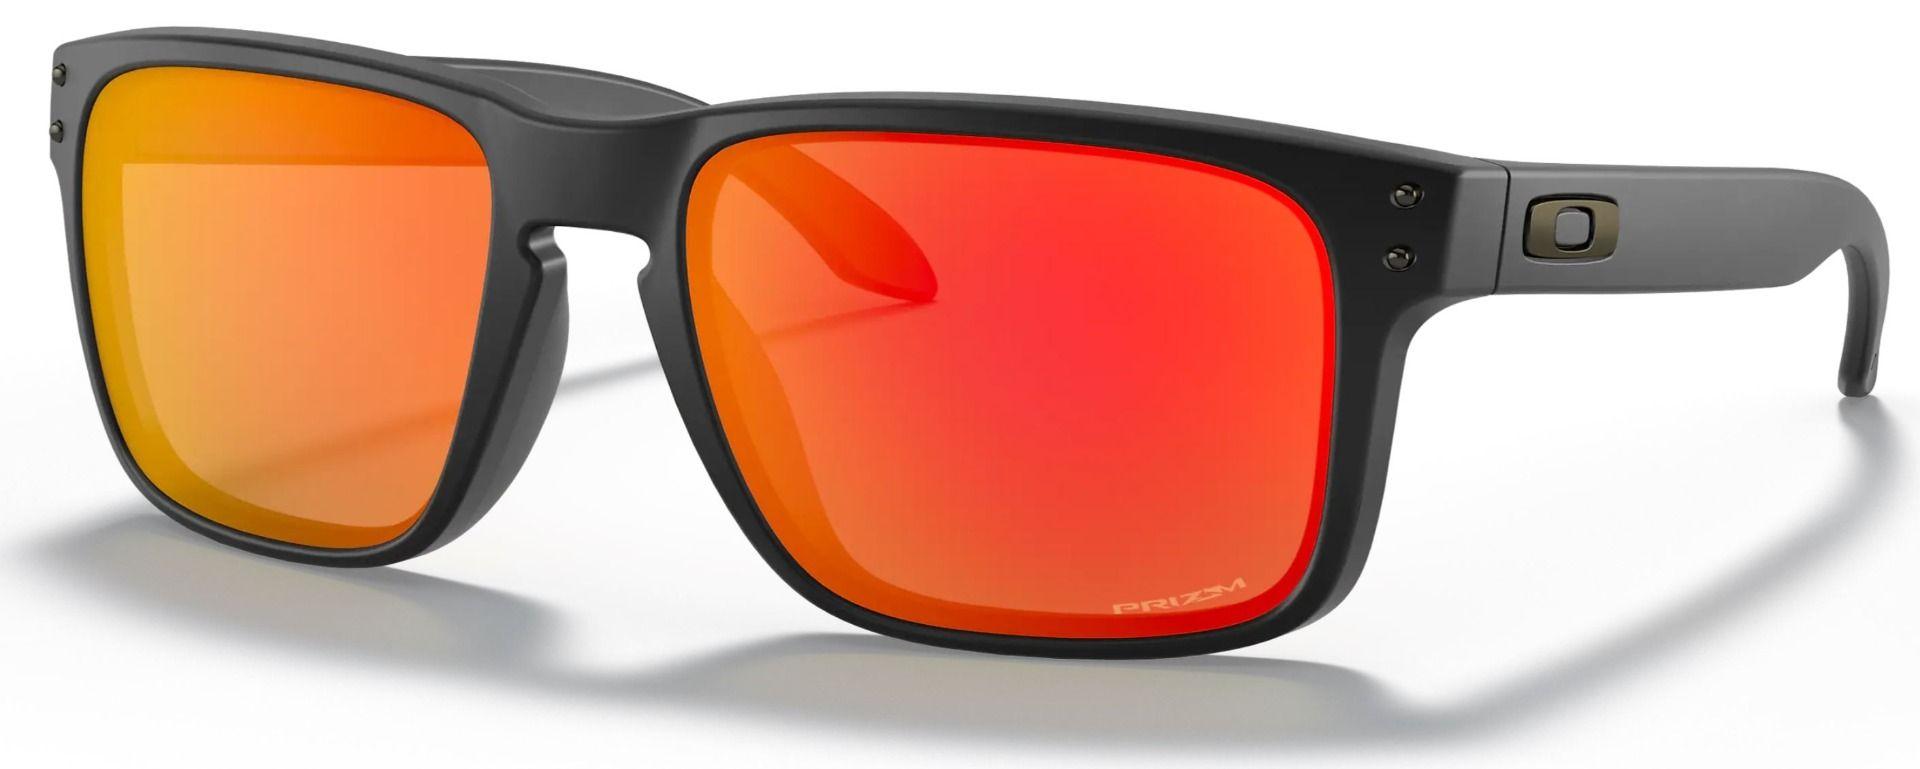 Oakley Holbrook Sunglasses Prizm Ruby